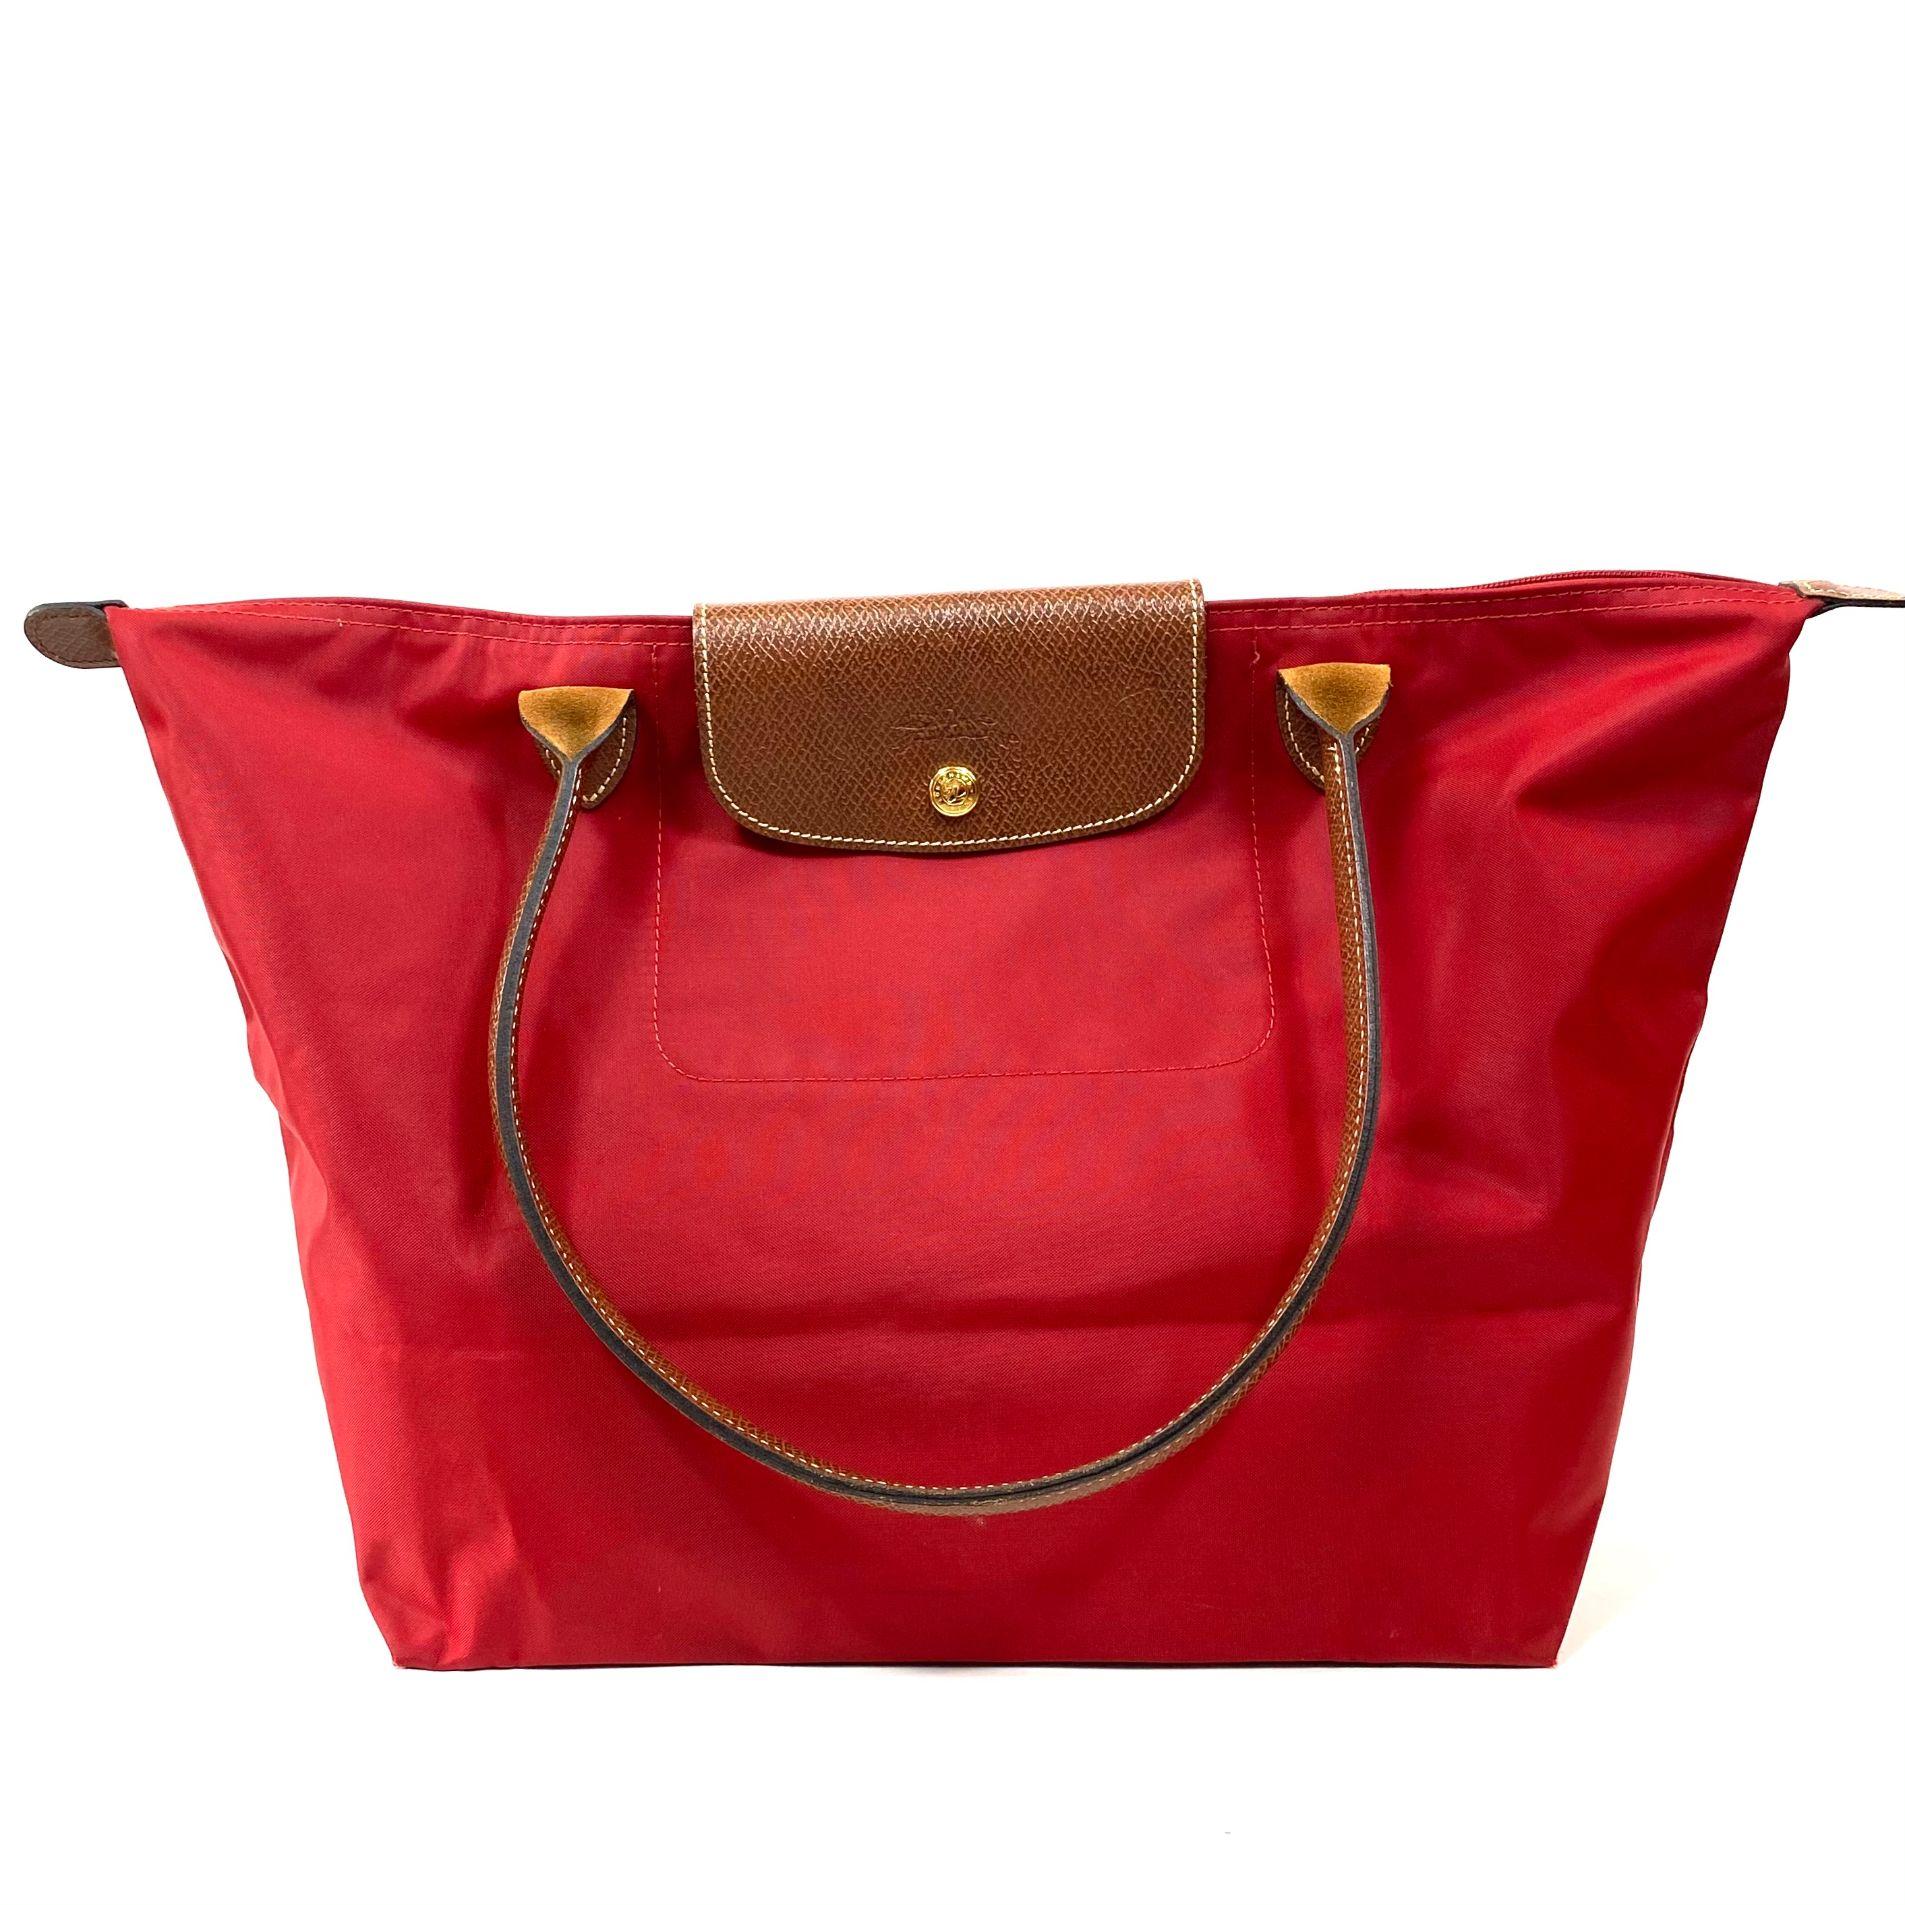 Bolsa Longchamp Le Pliage Tote Vermelha